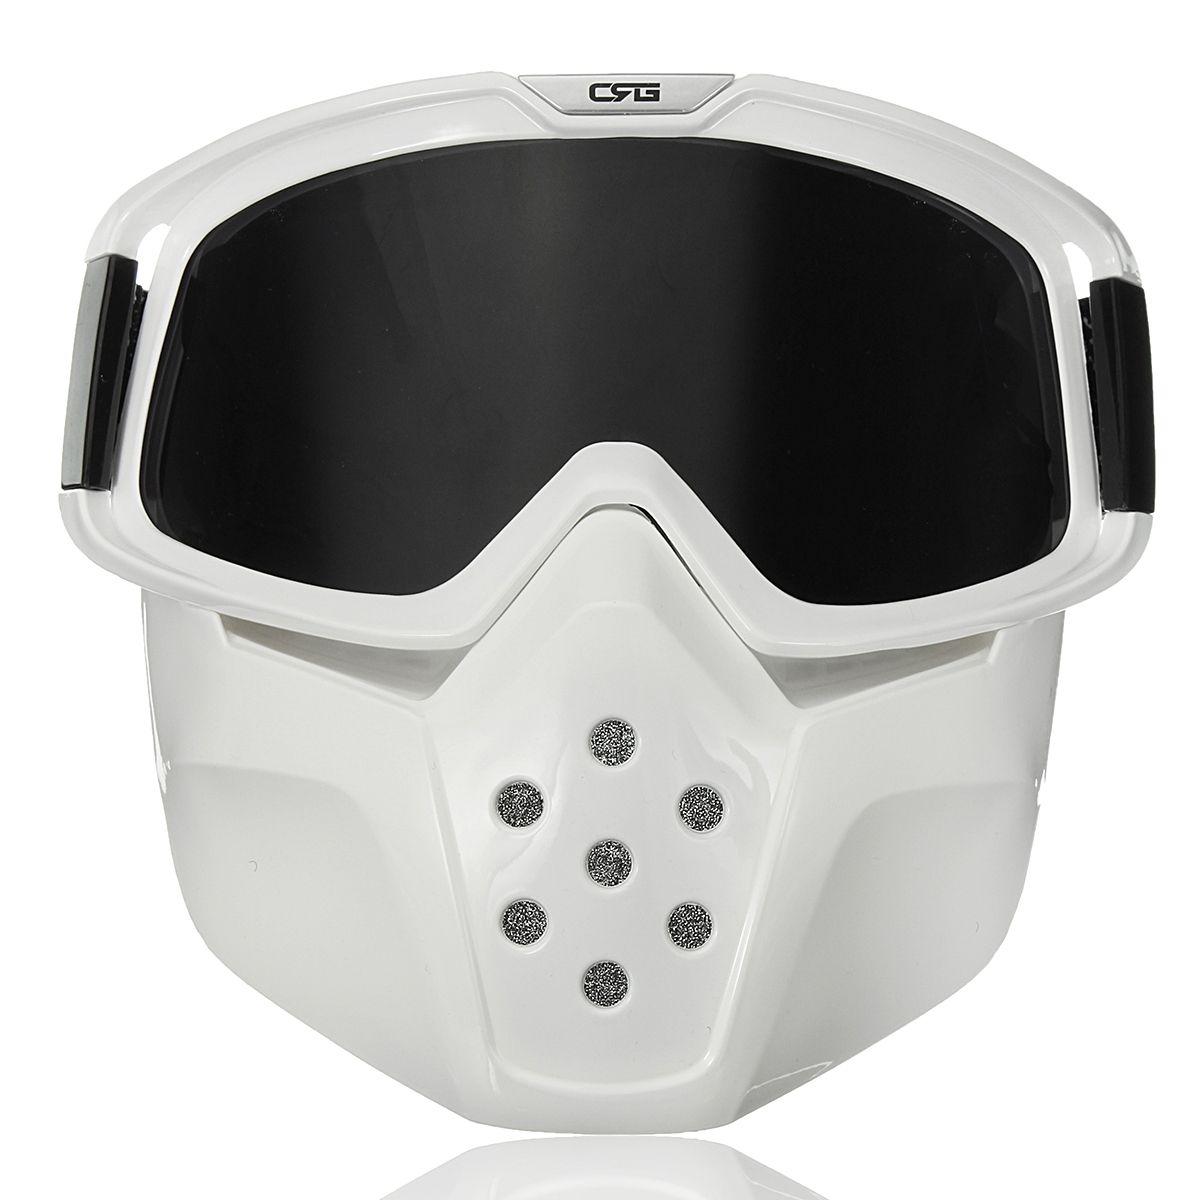 cbfc897b89 Máscara de protección facial con gafas modulares desmontables para casco de  motocicleta